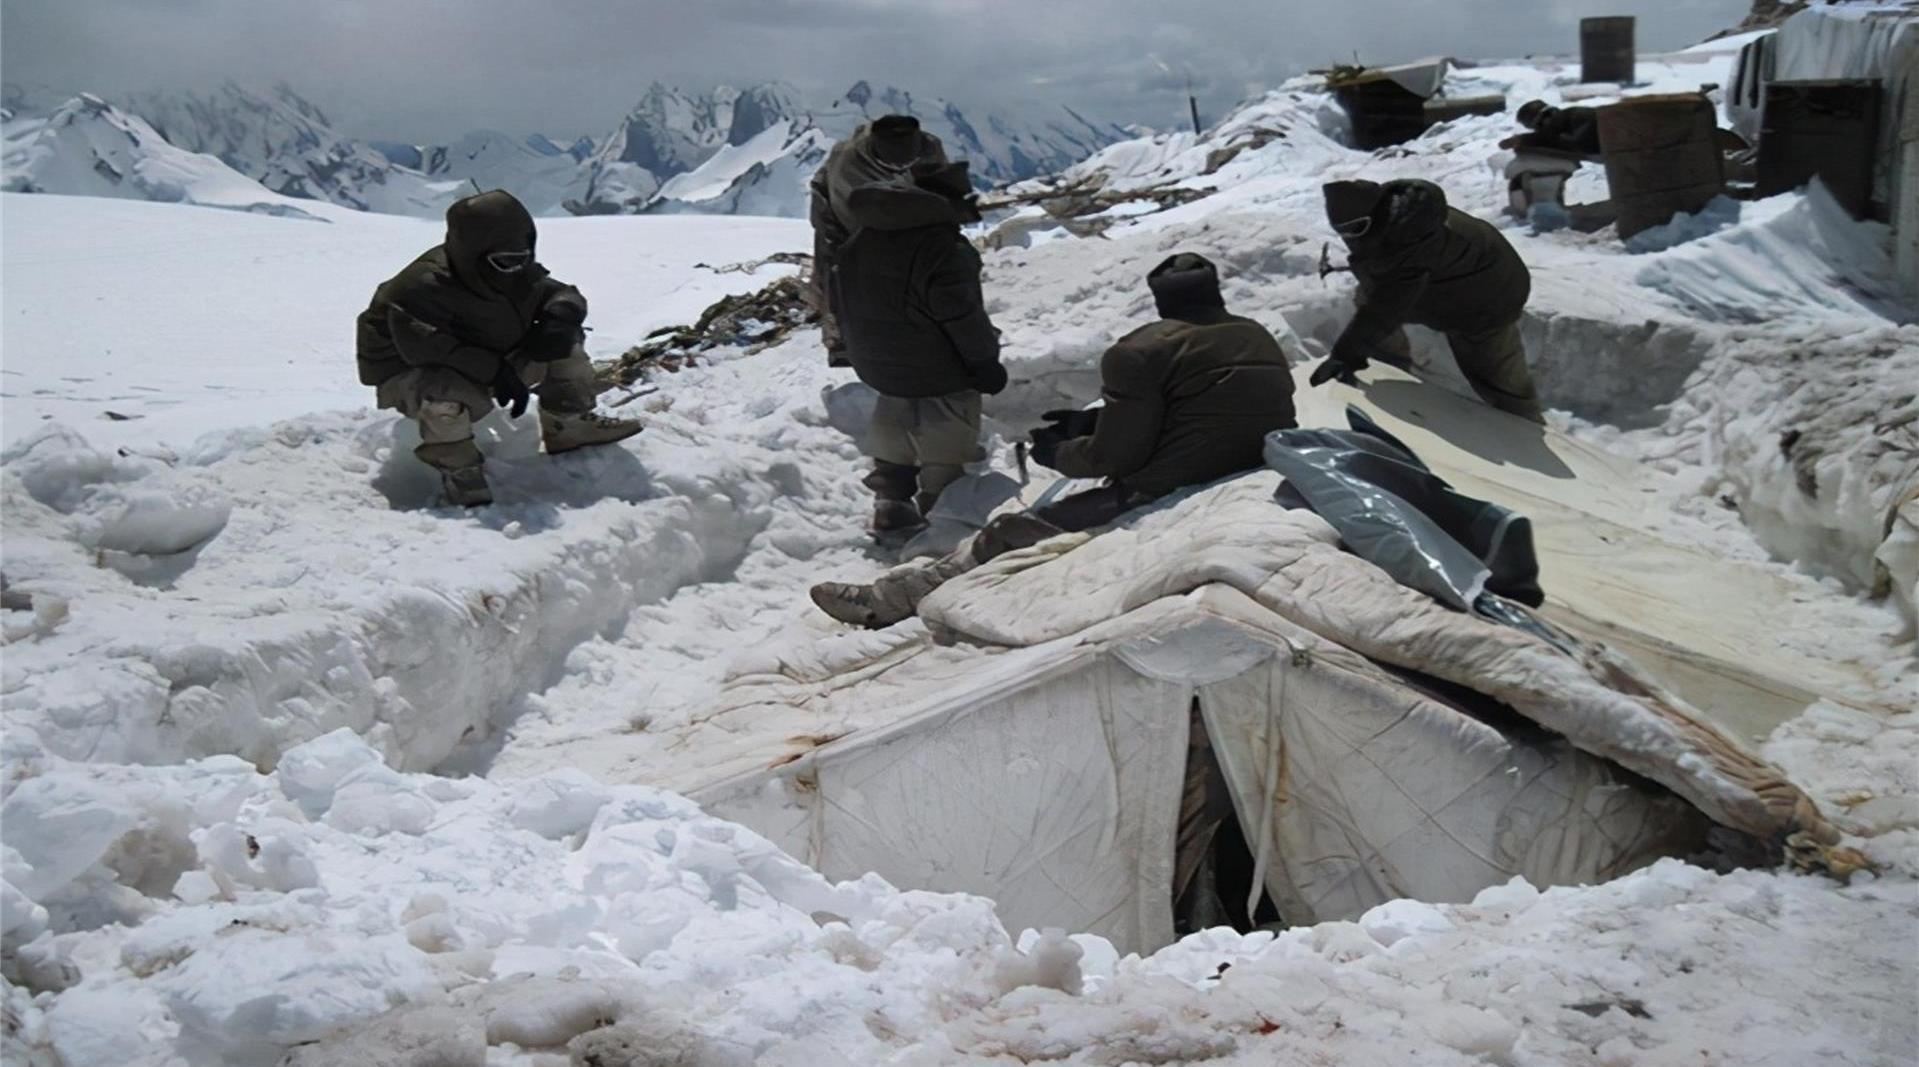 印度士兵零下50度只能露宿雪地,莫迪会因为寒冬而撤军吗?